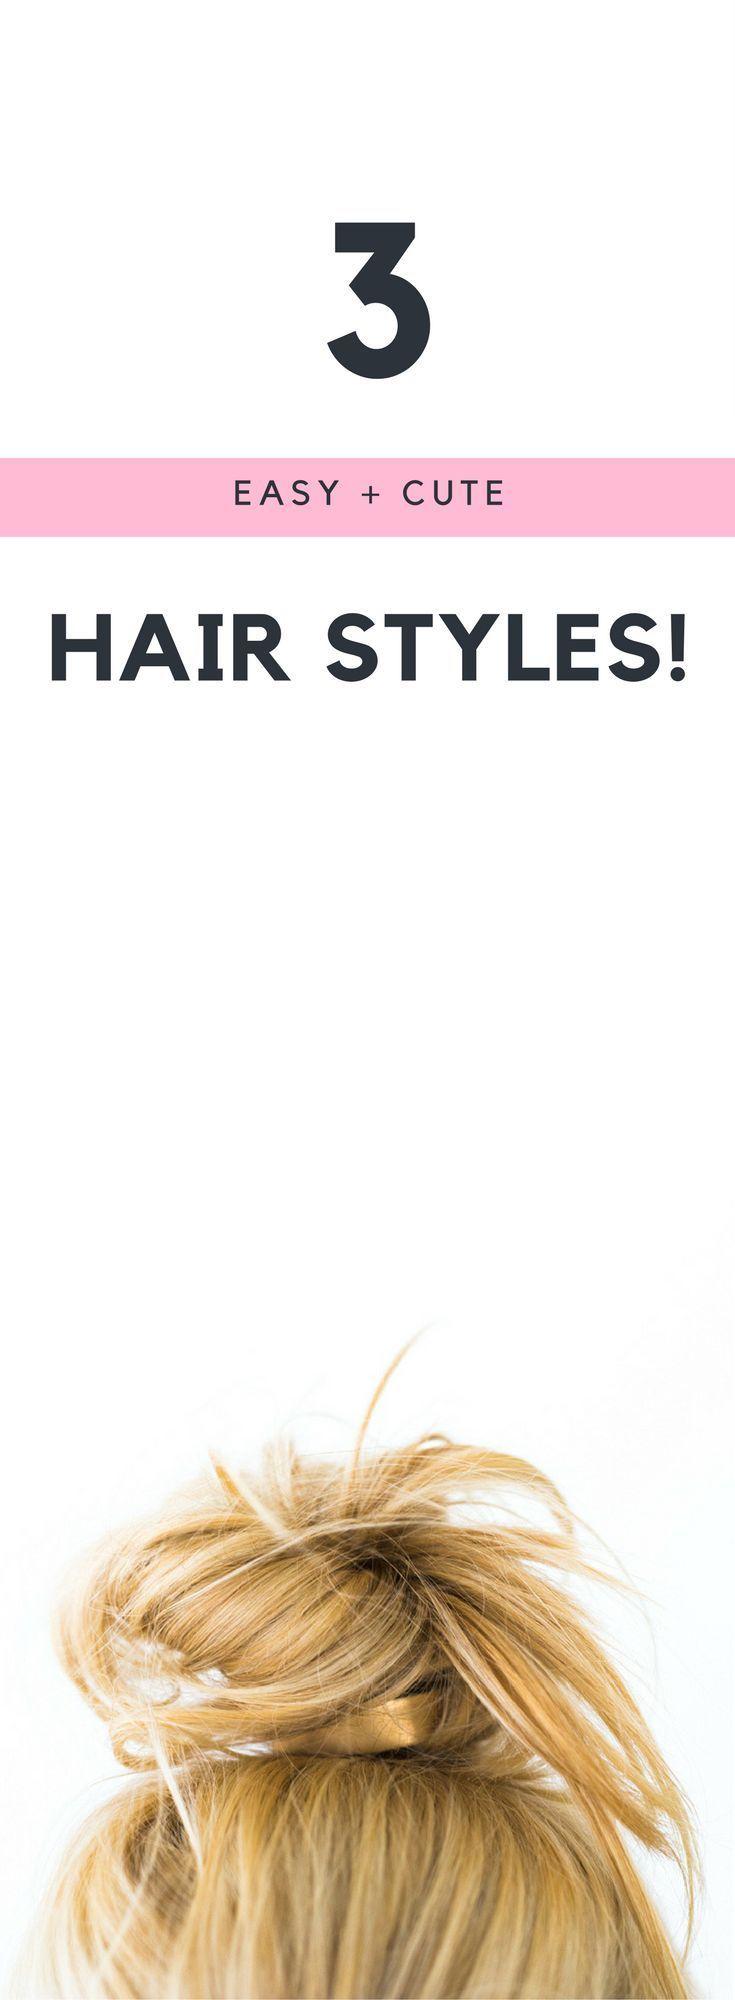 Apprenez une coiffure chignon de noeud supérieur en moins d'une minute - #hairstyle #learn #minute #under - #nouveau